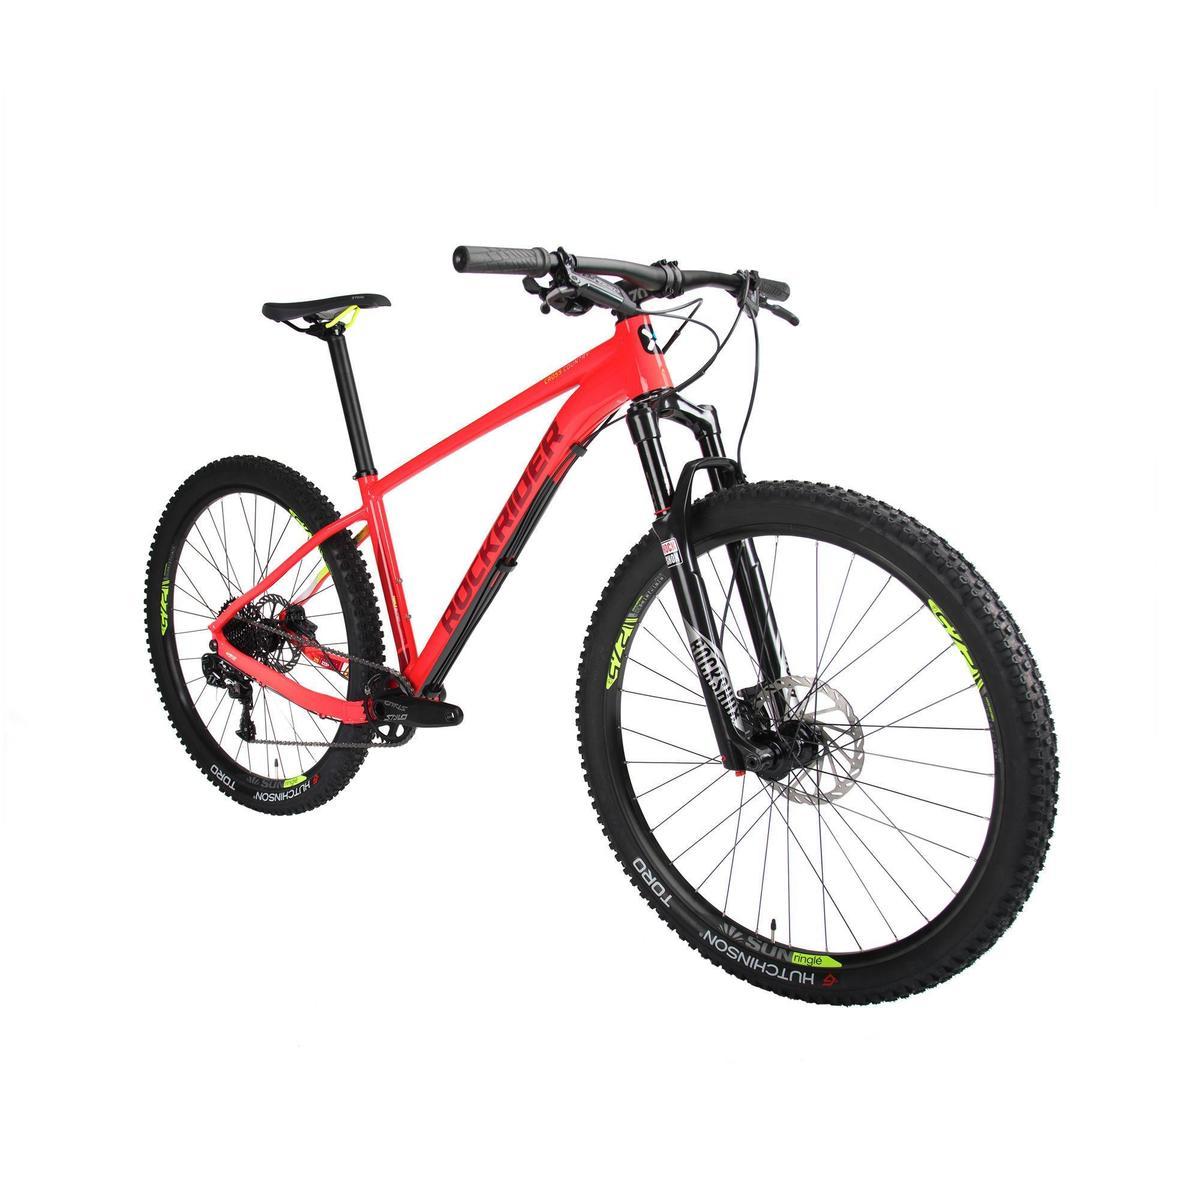 Bild 1 von Mountainbike XC 500 27,5 rot